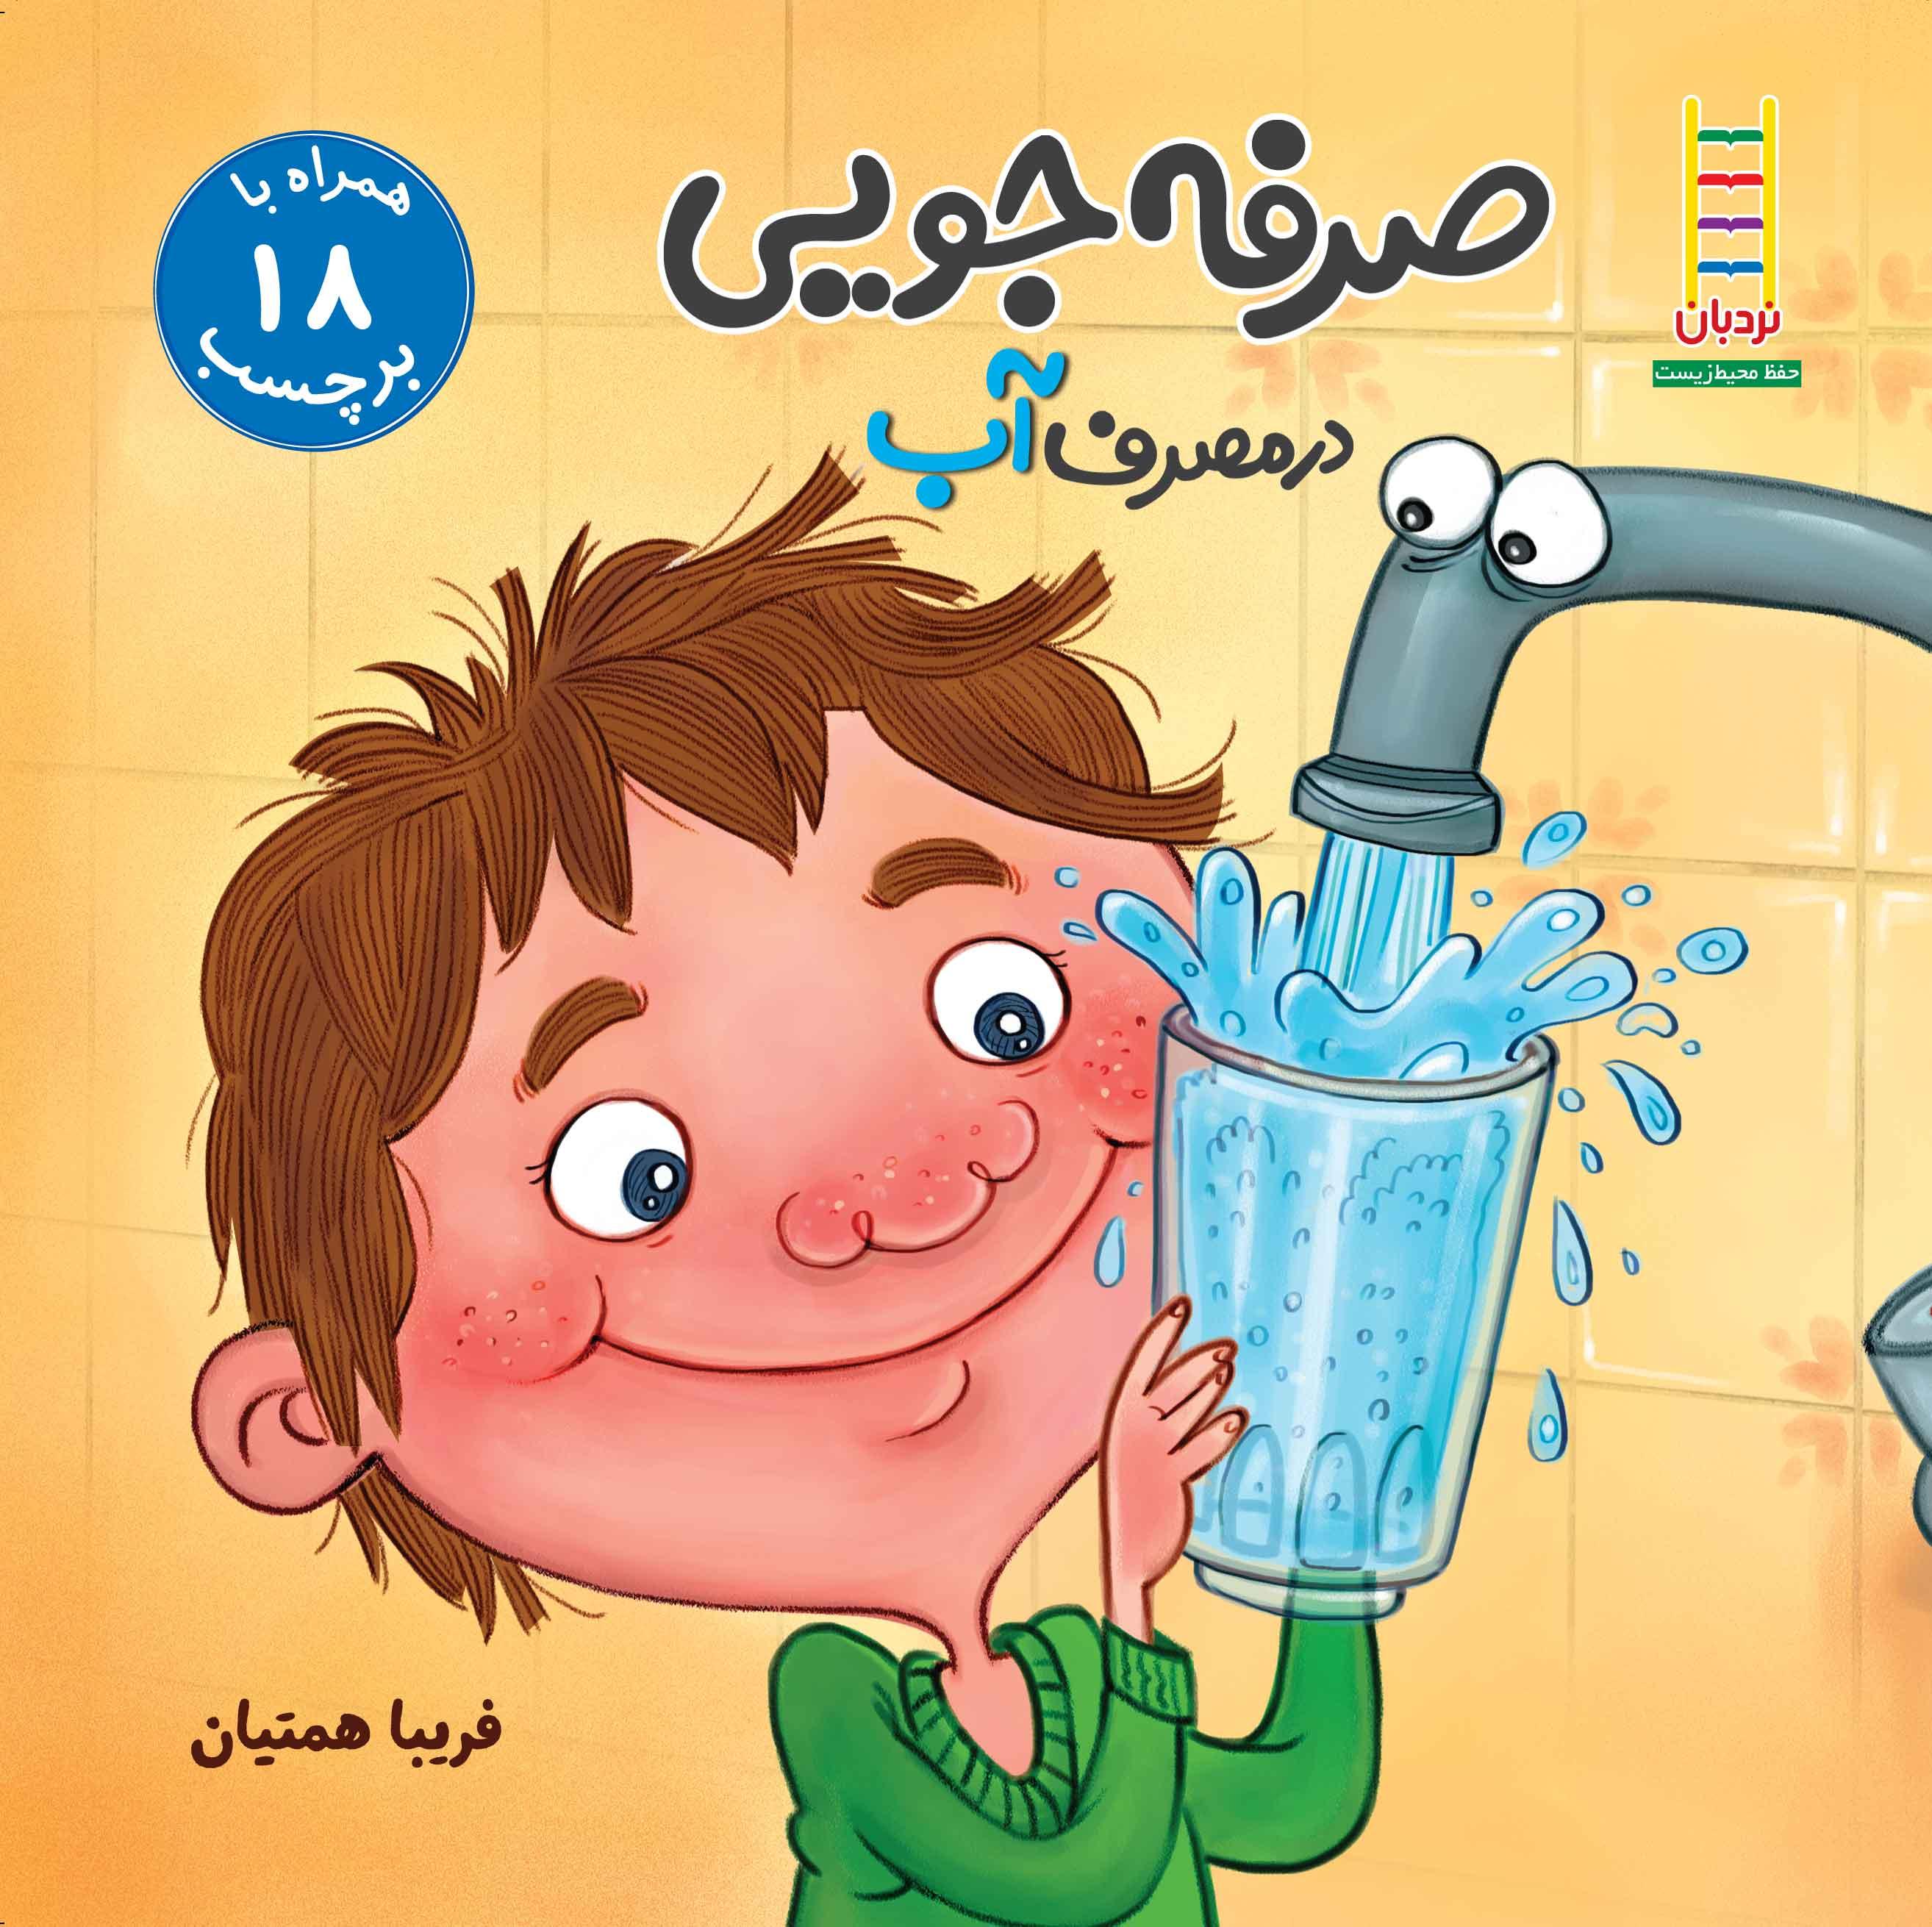 حامیان آب - کتاب صرفه جویی در مصرف آب